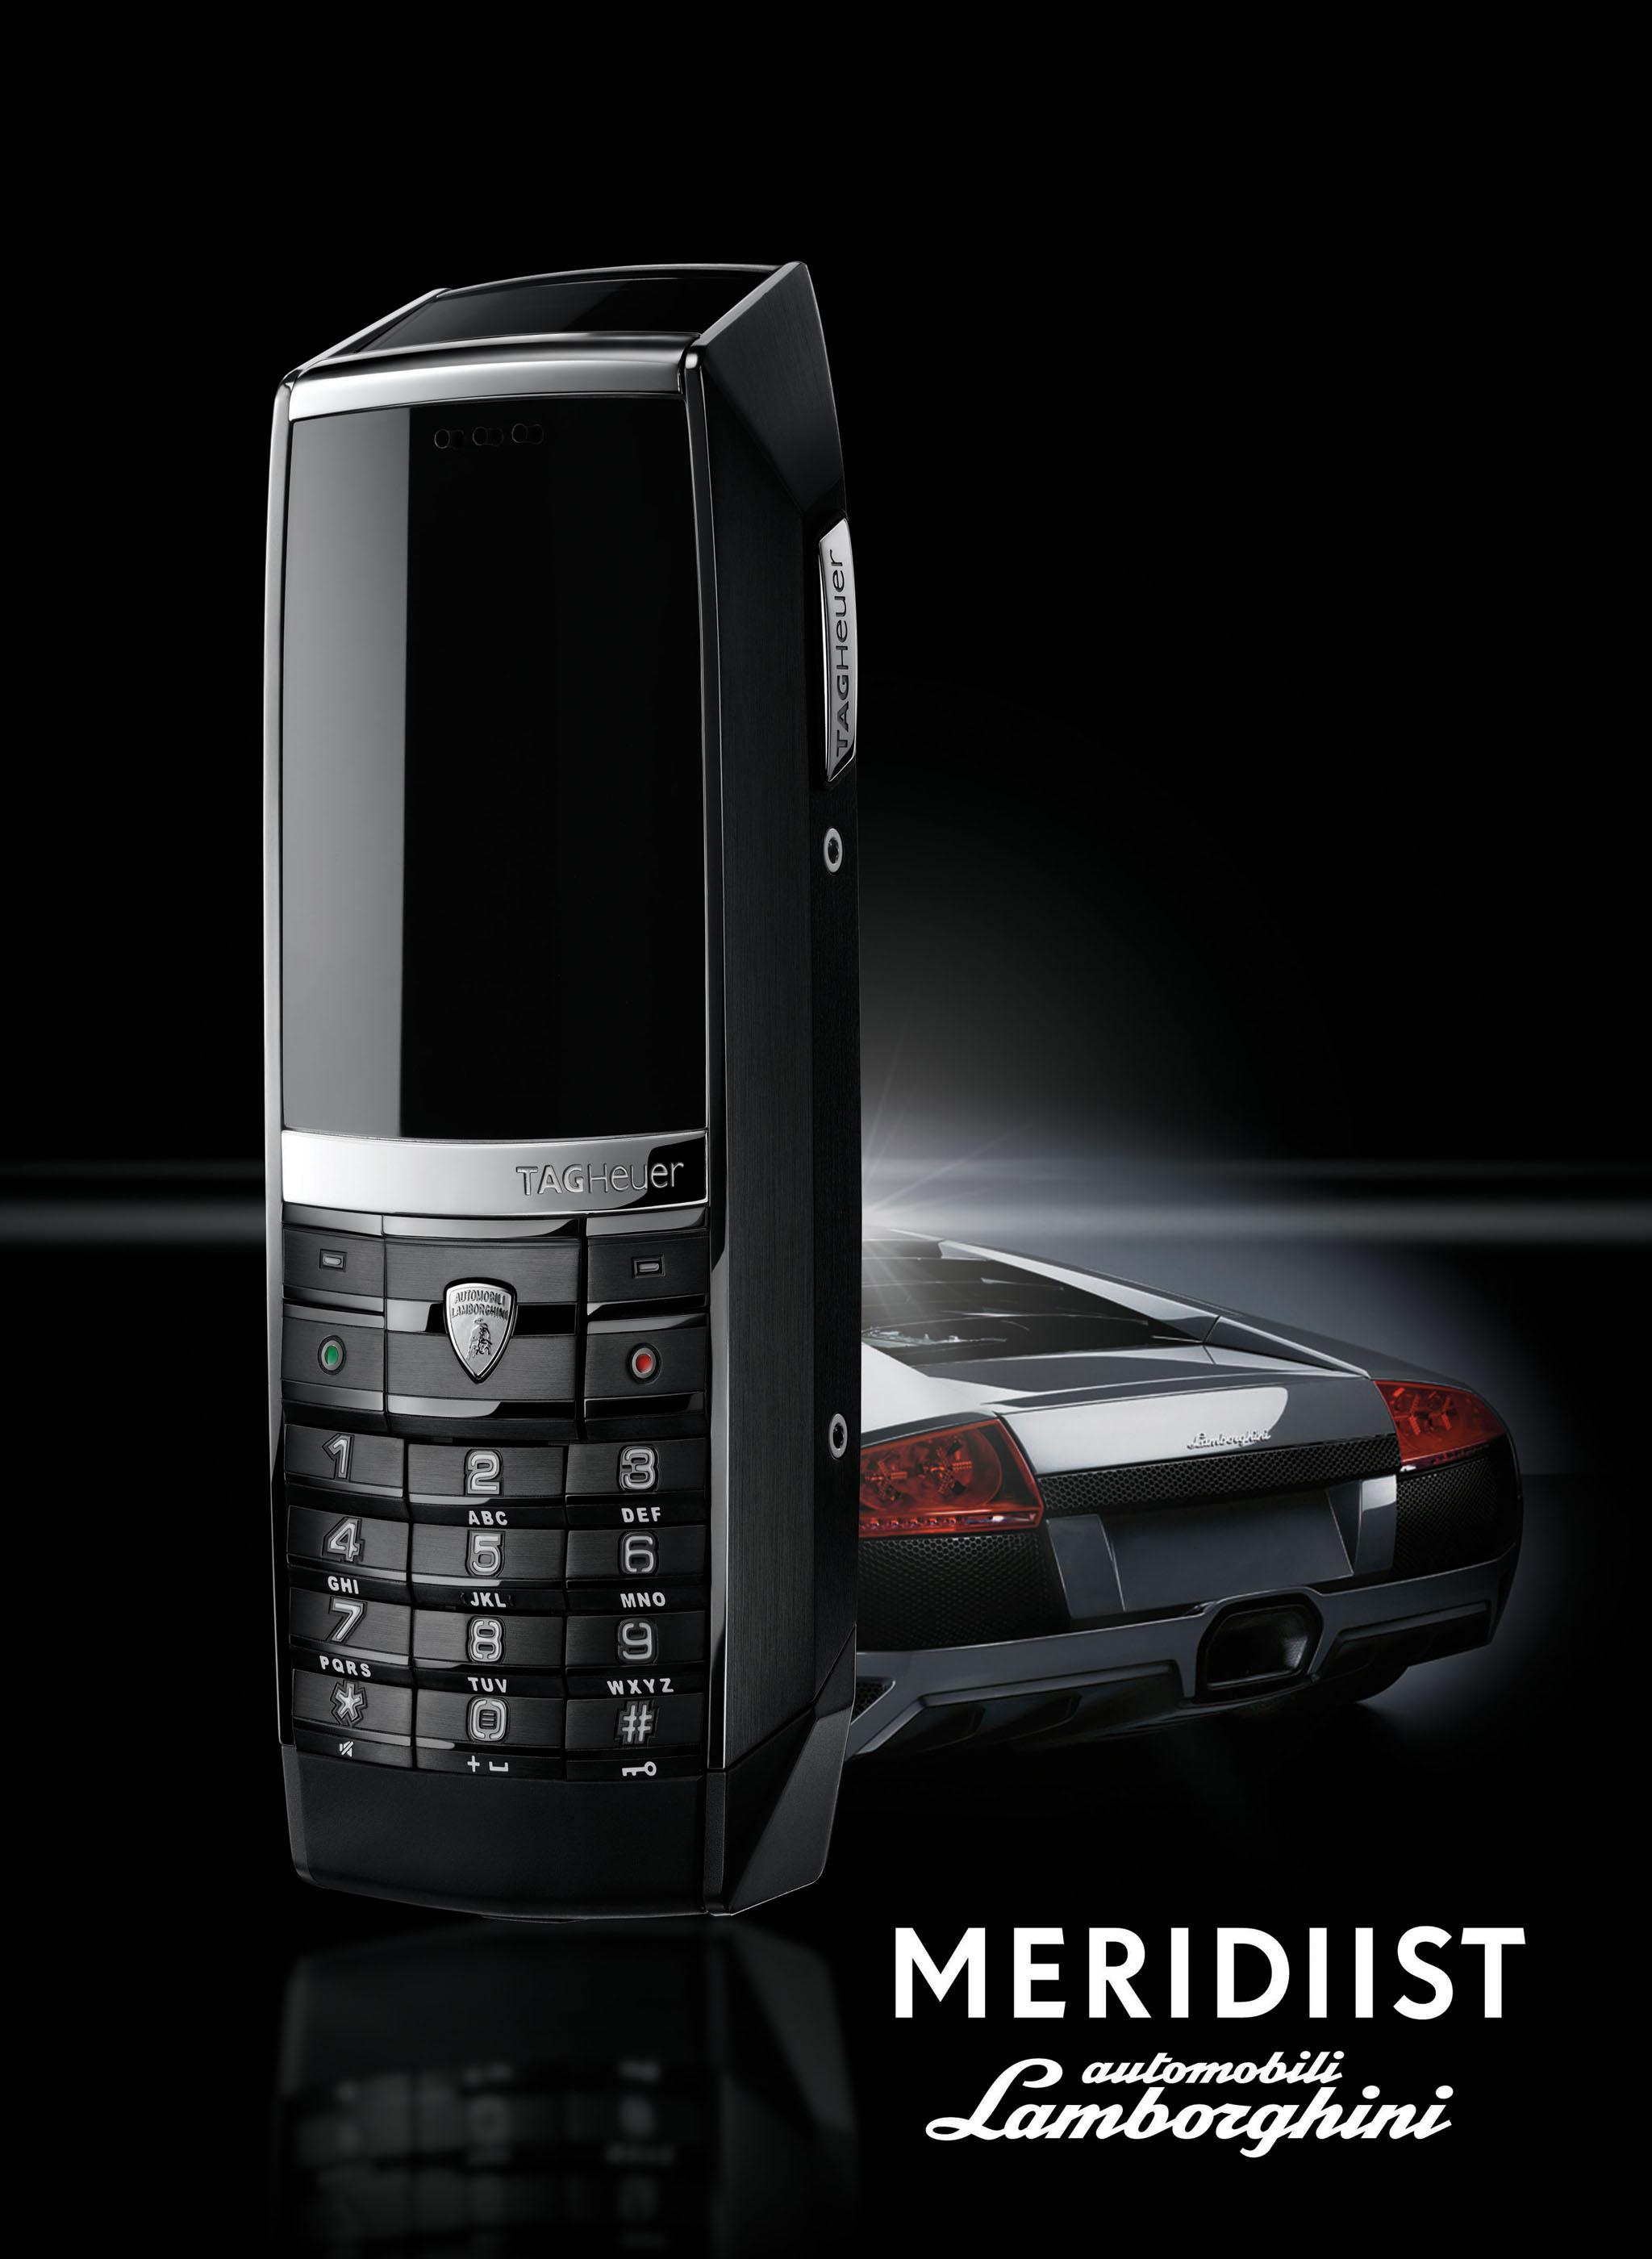 ▷ TAG Heuer MERIDIIST Automobili Lamborghini New Luxury